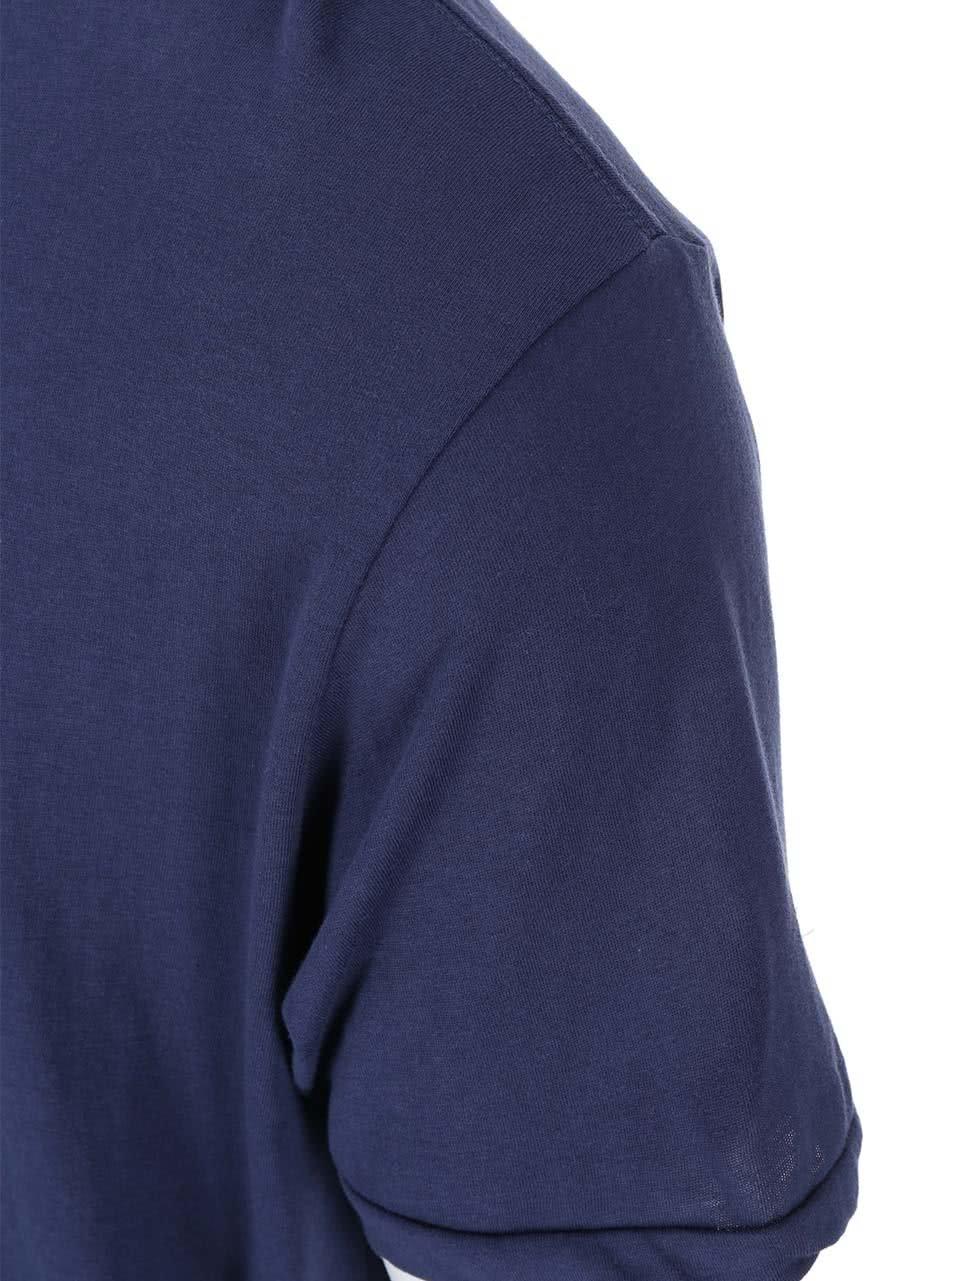 Tmavě modré triko s prodlouženou zadní částí Shine Original ... e72ba2e941